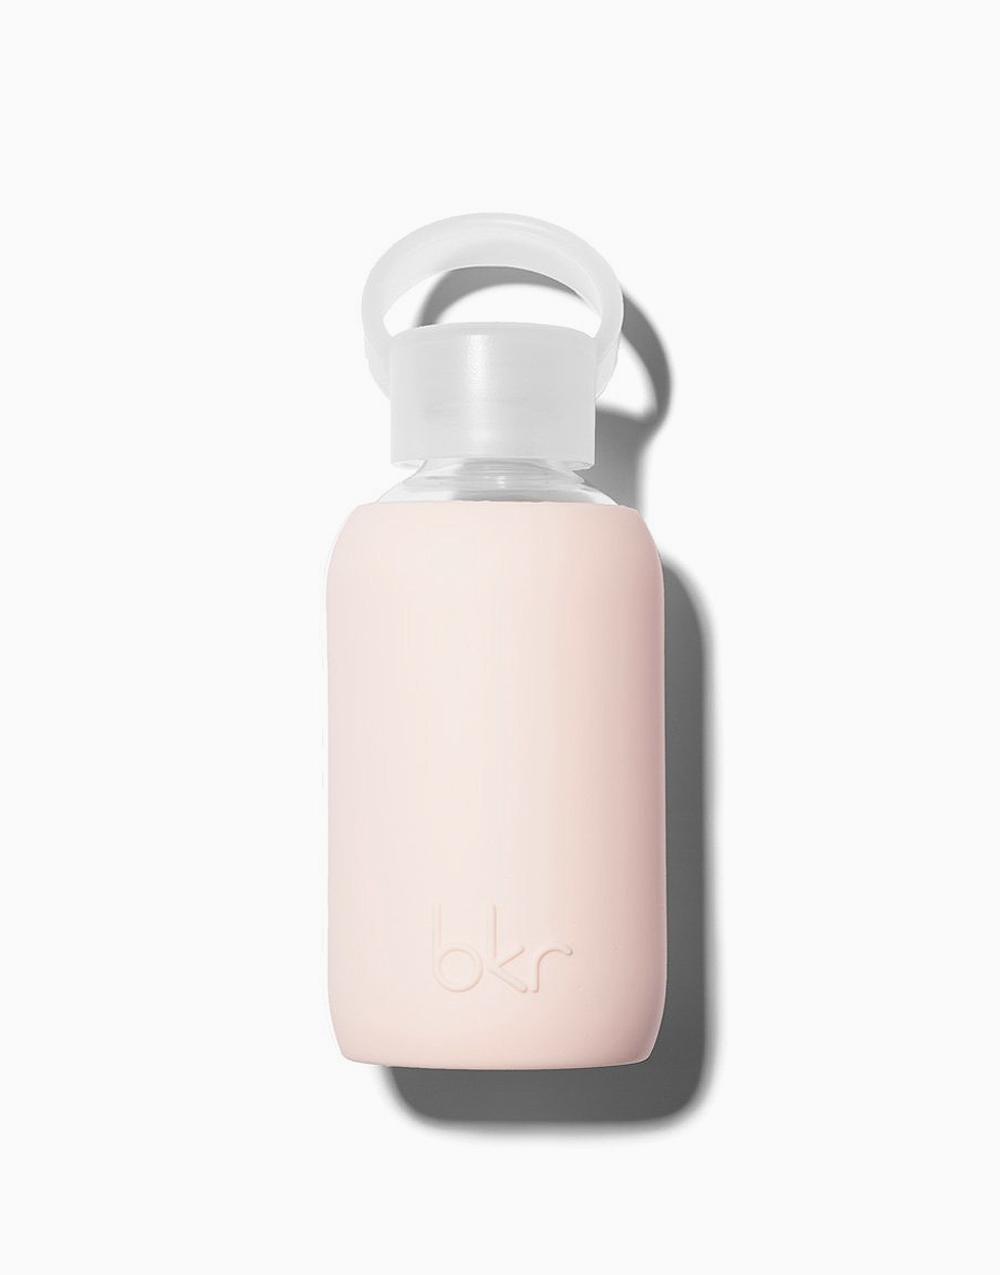 Teeny Water Bottle (250ml) by Bkr | Tutu